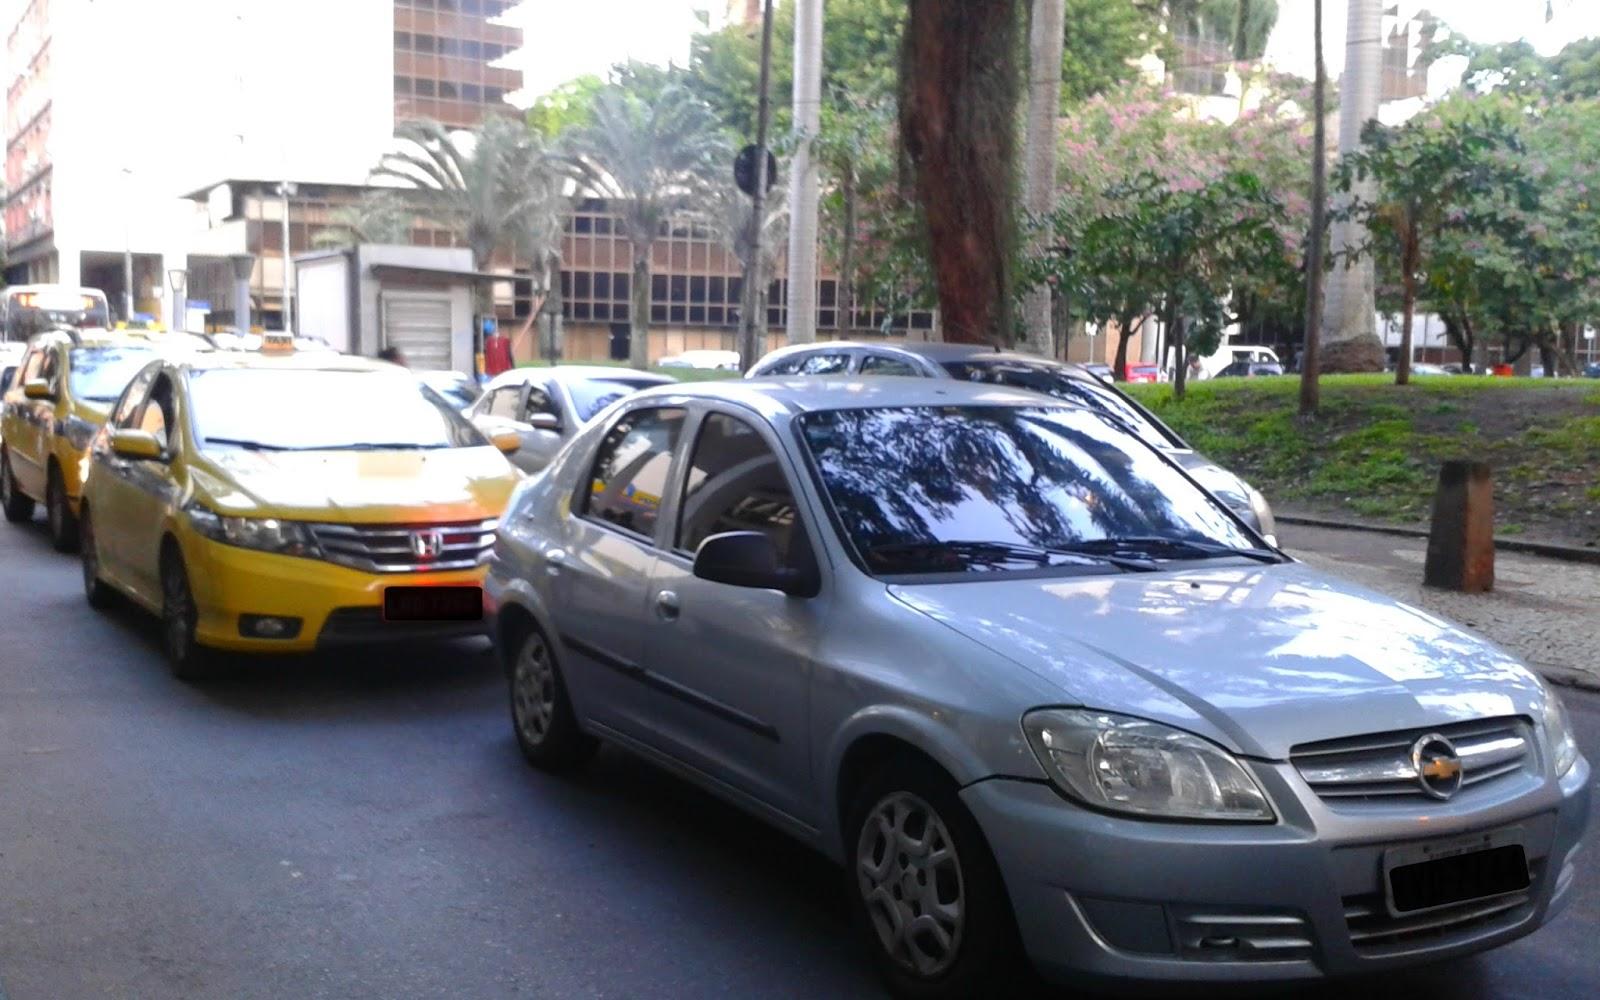 Trânsito no Botafogo Rio de Janeiro